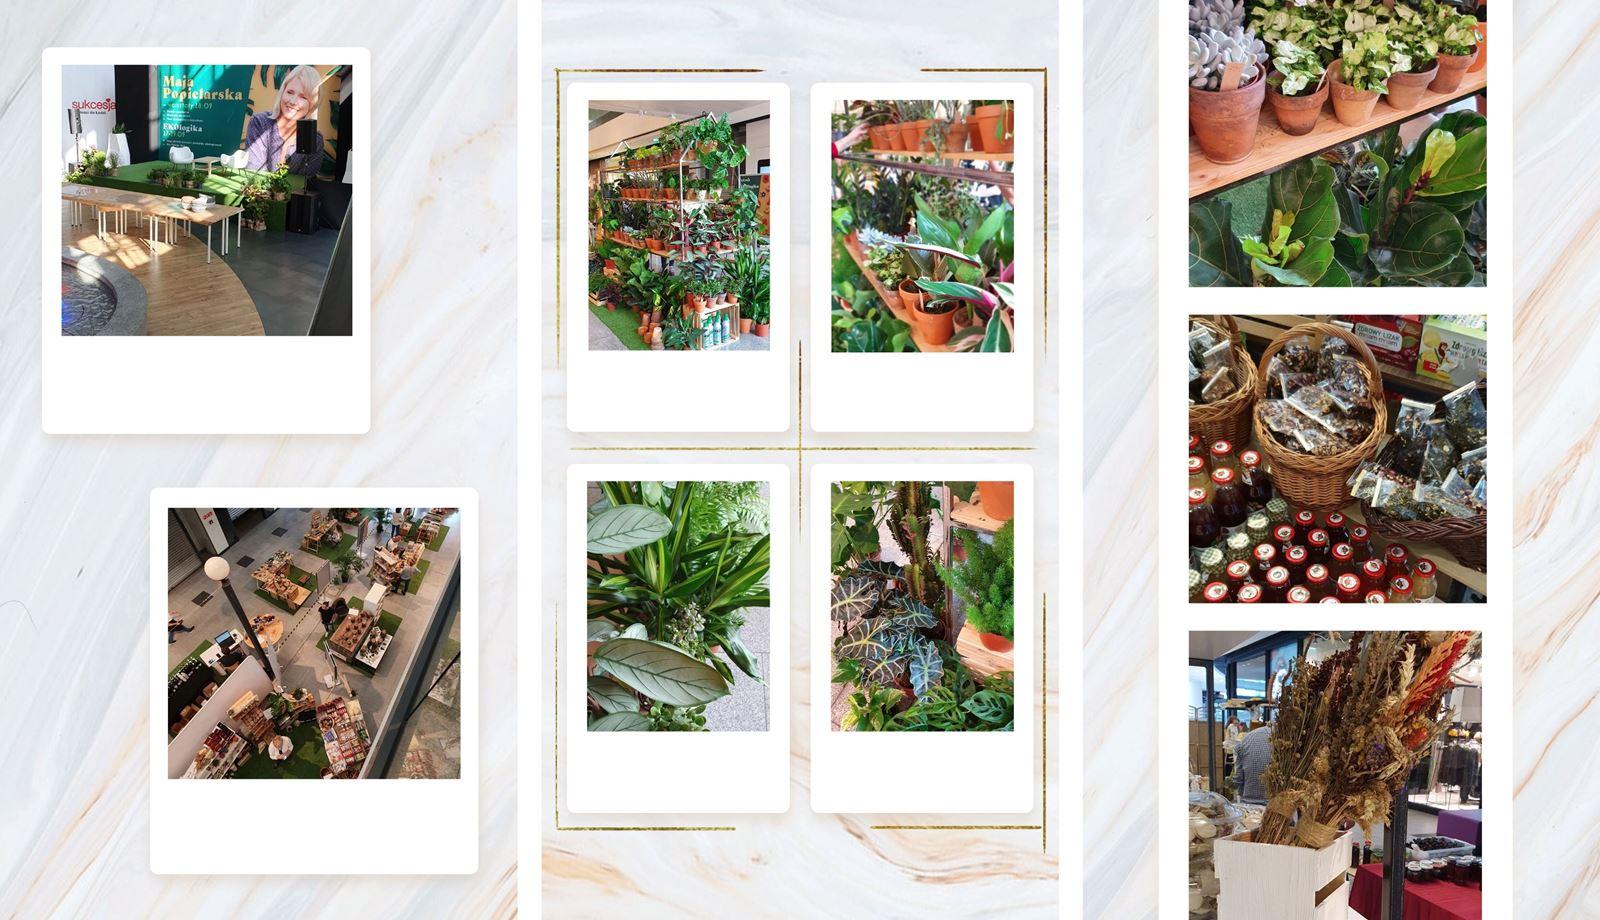 EKOlogika - ekologiczna inicjatywa w łodzi, eko vintage shop - relacja z wydarzenia, blogerka łódzka lifestyle, fashion, beauty. Melodylaniella - łódź